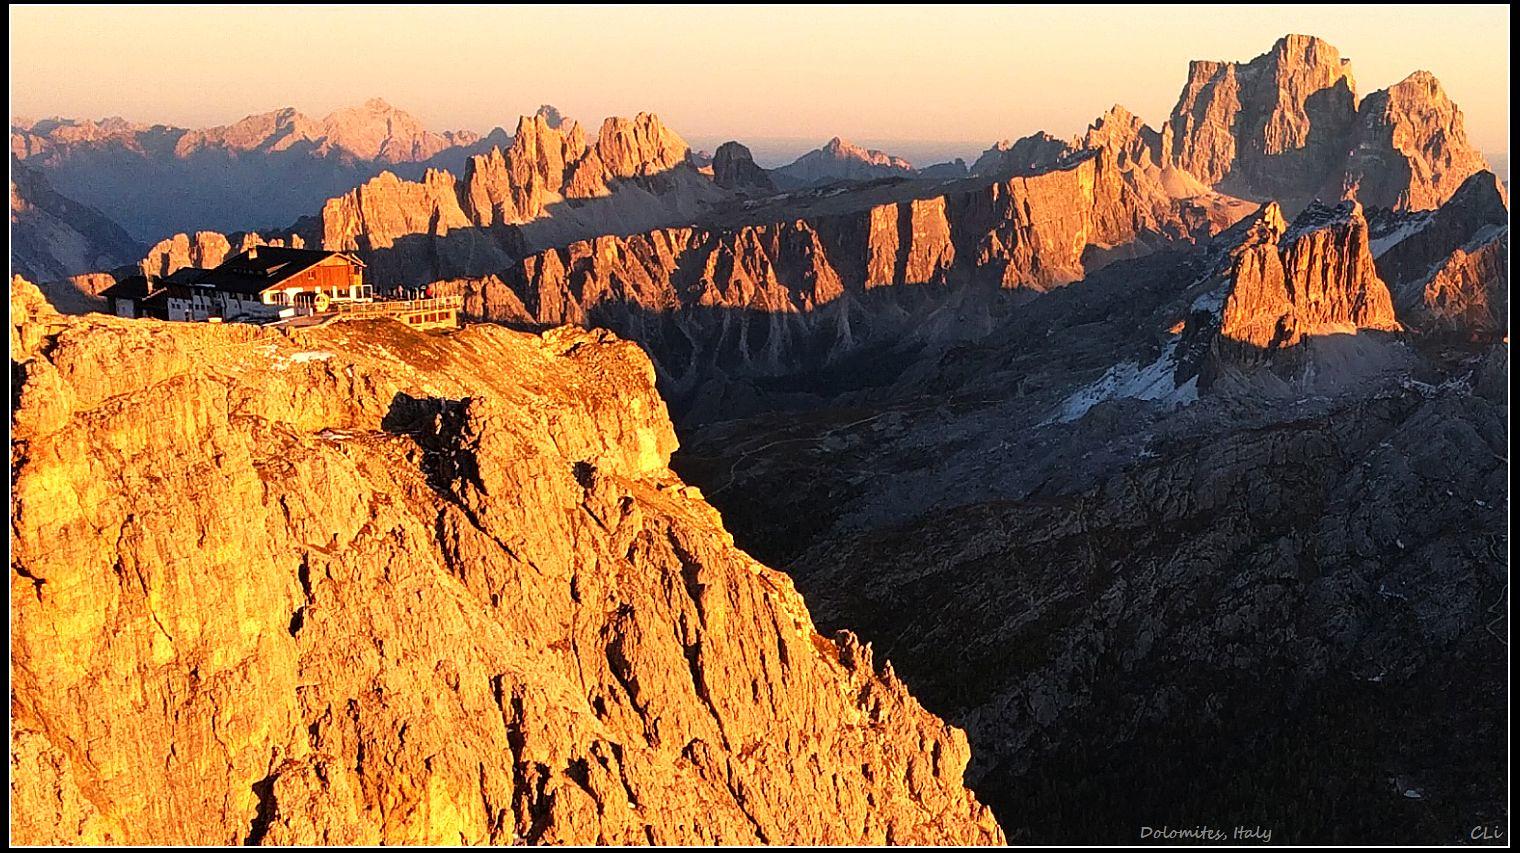 秋游欧洲1 云雾迷漫的意大利多洛米蒂无敌山景